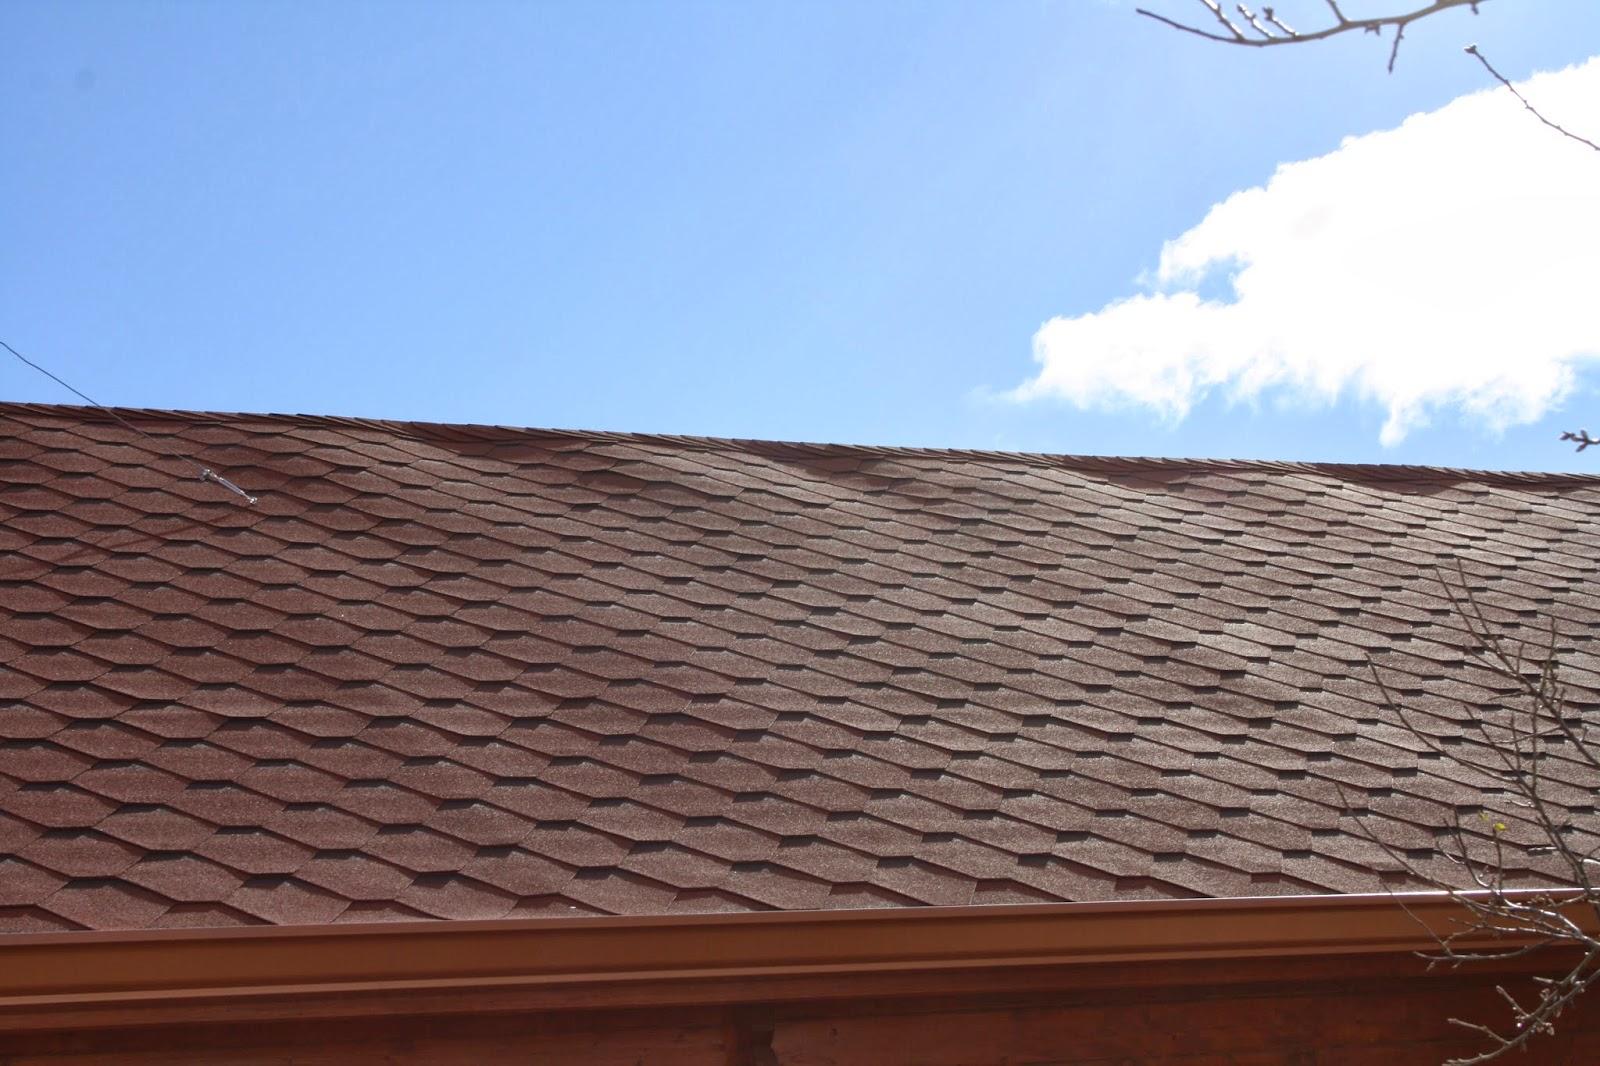 Chapa estilo teja instaladores panel s ndwich madrid for Tejados de madera y teja